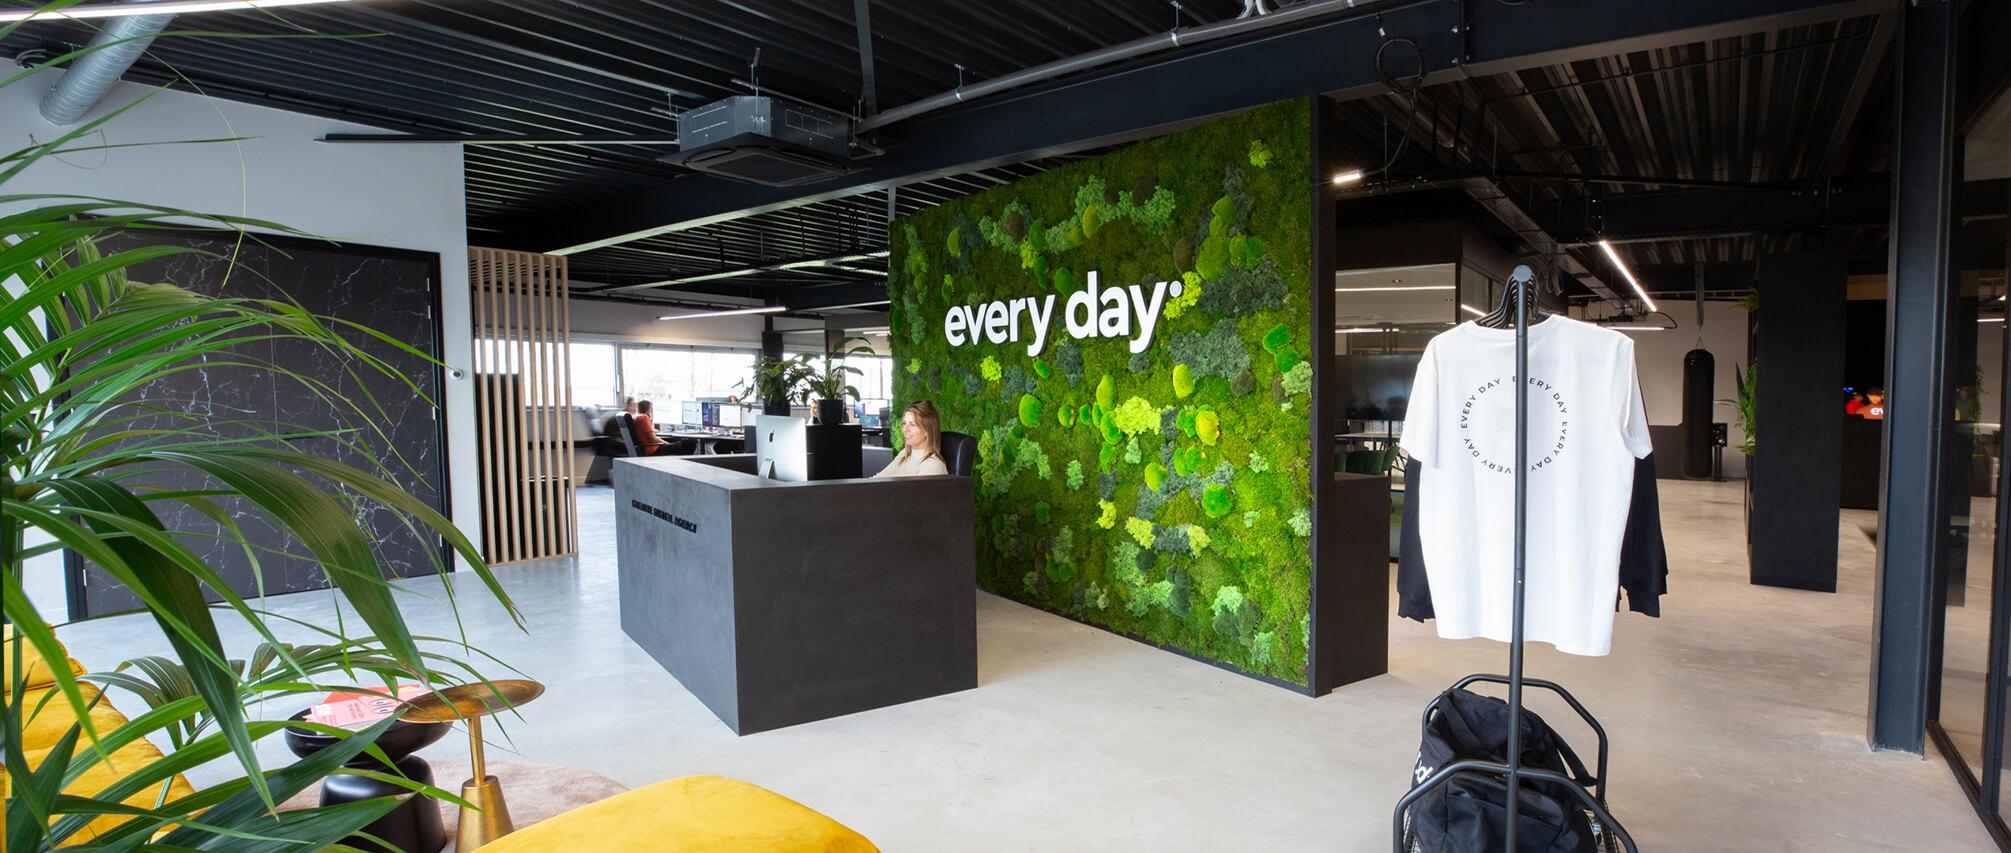 Digital agency Bergen op Zoom